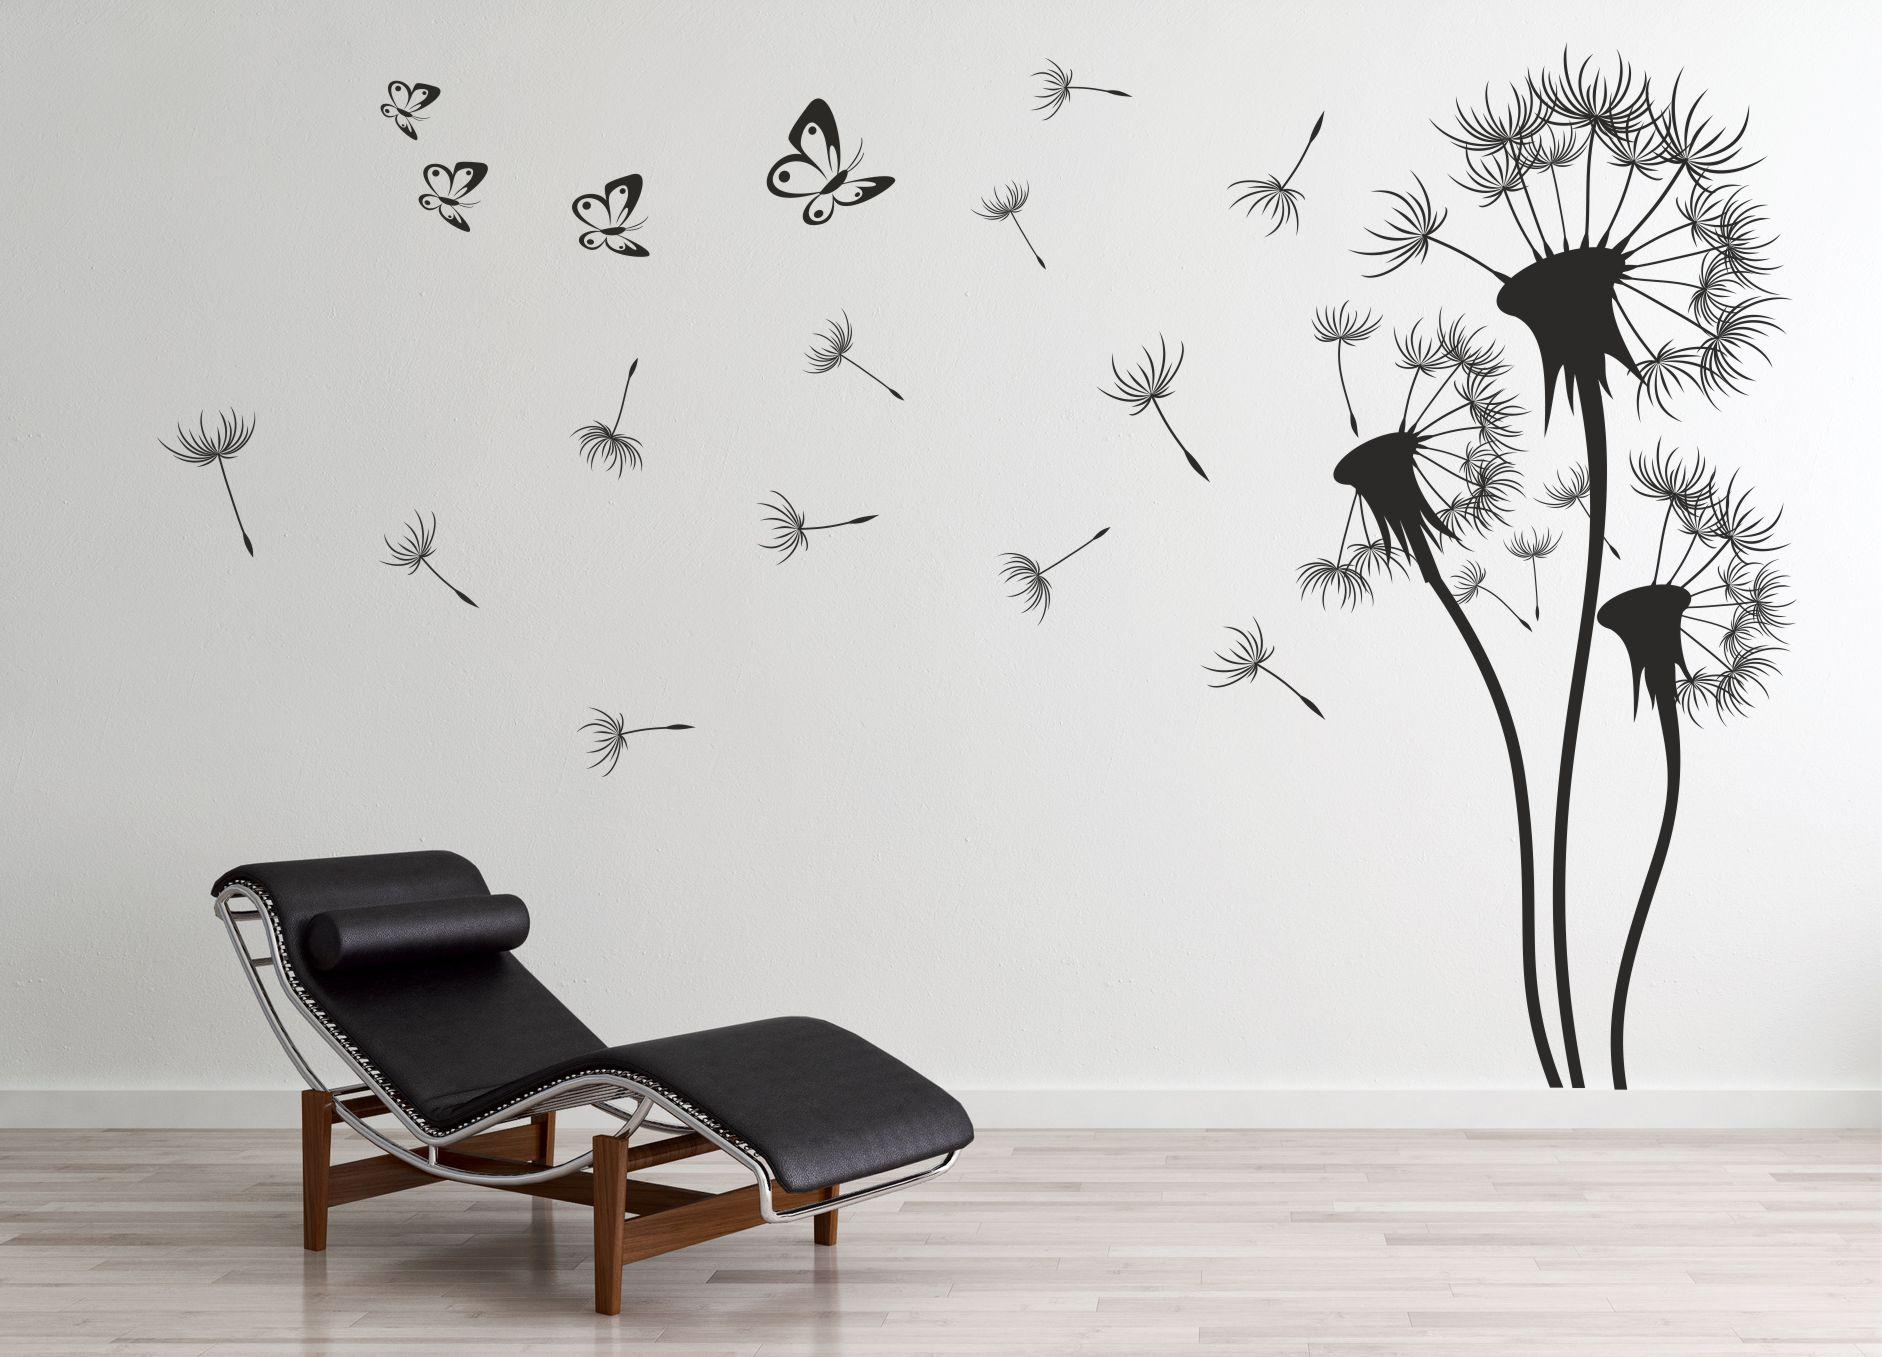 под деревом рисунки черно белые на стене в квартире своими руками фото полные модели